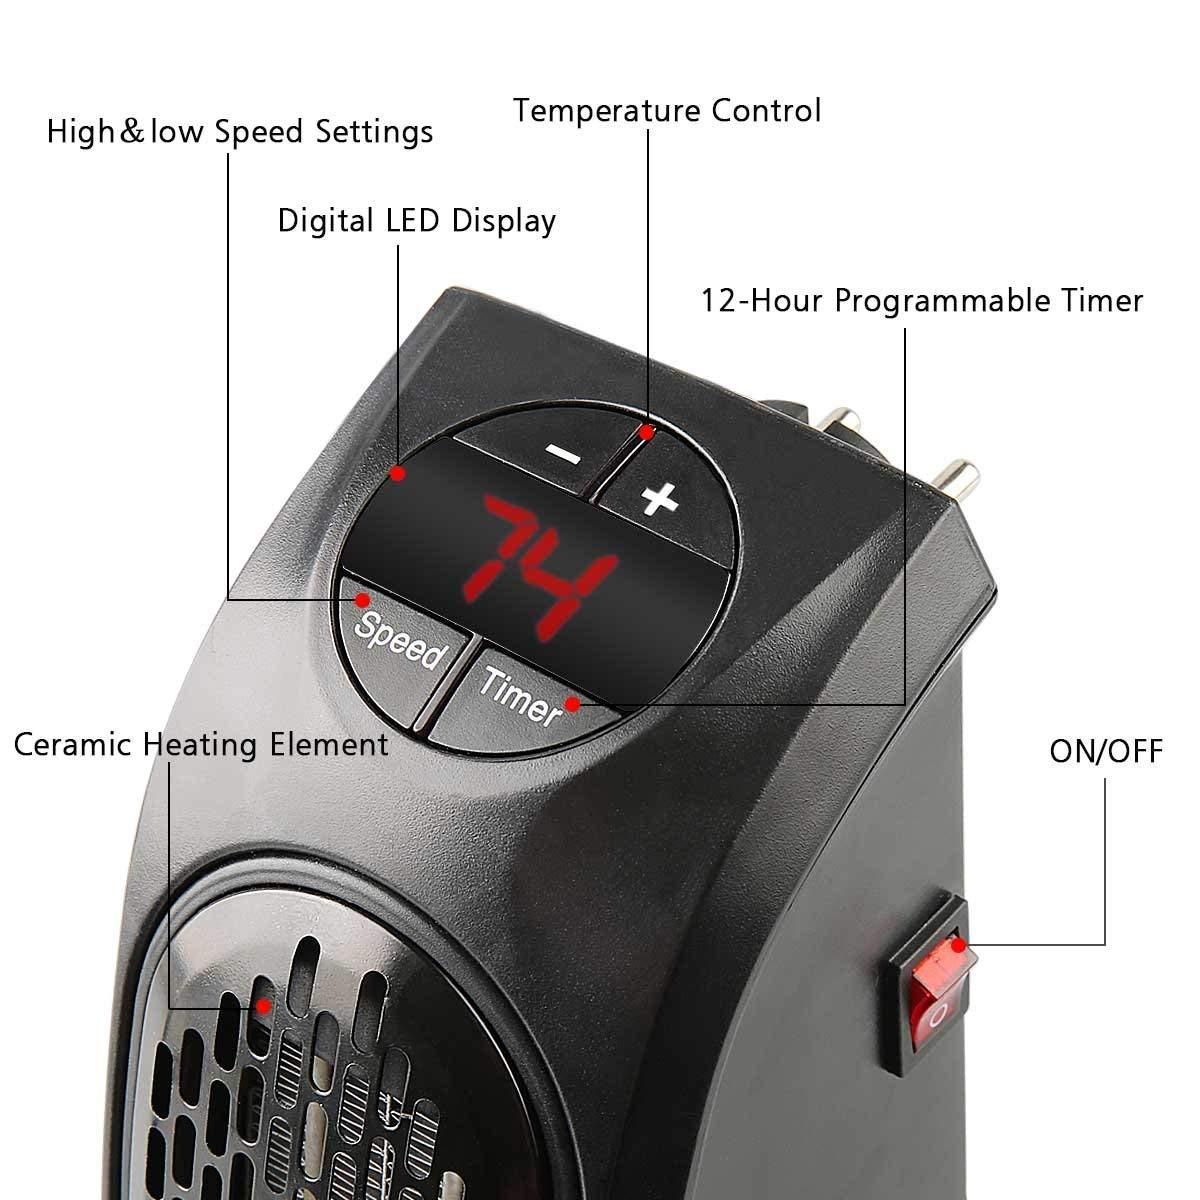 Estufa Eléctrica Calefactor Mini Portátil Handy Heater 350W Bajo Consumo Temperatura Regulable Baño Casa Oficina Enchufe UE: Amazon.es: Bricolaje y ...